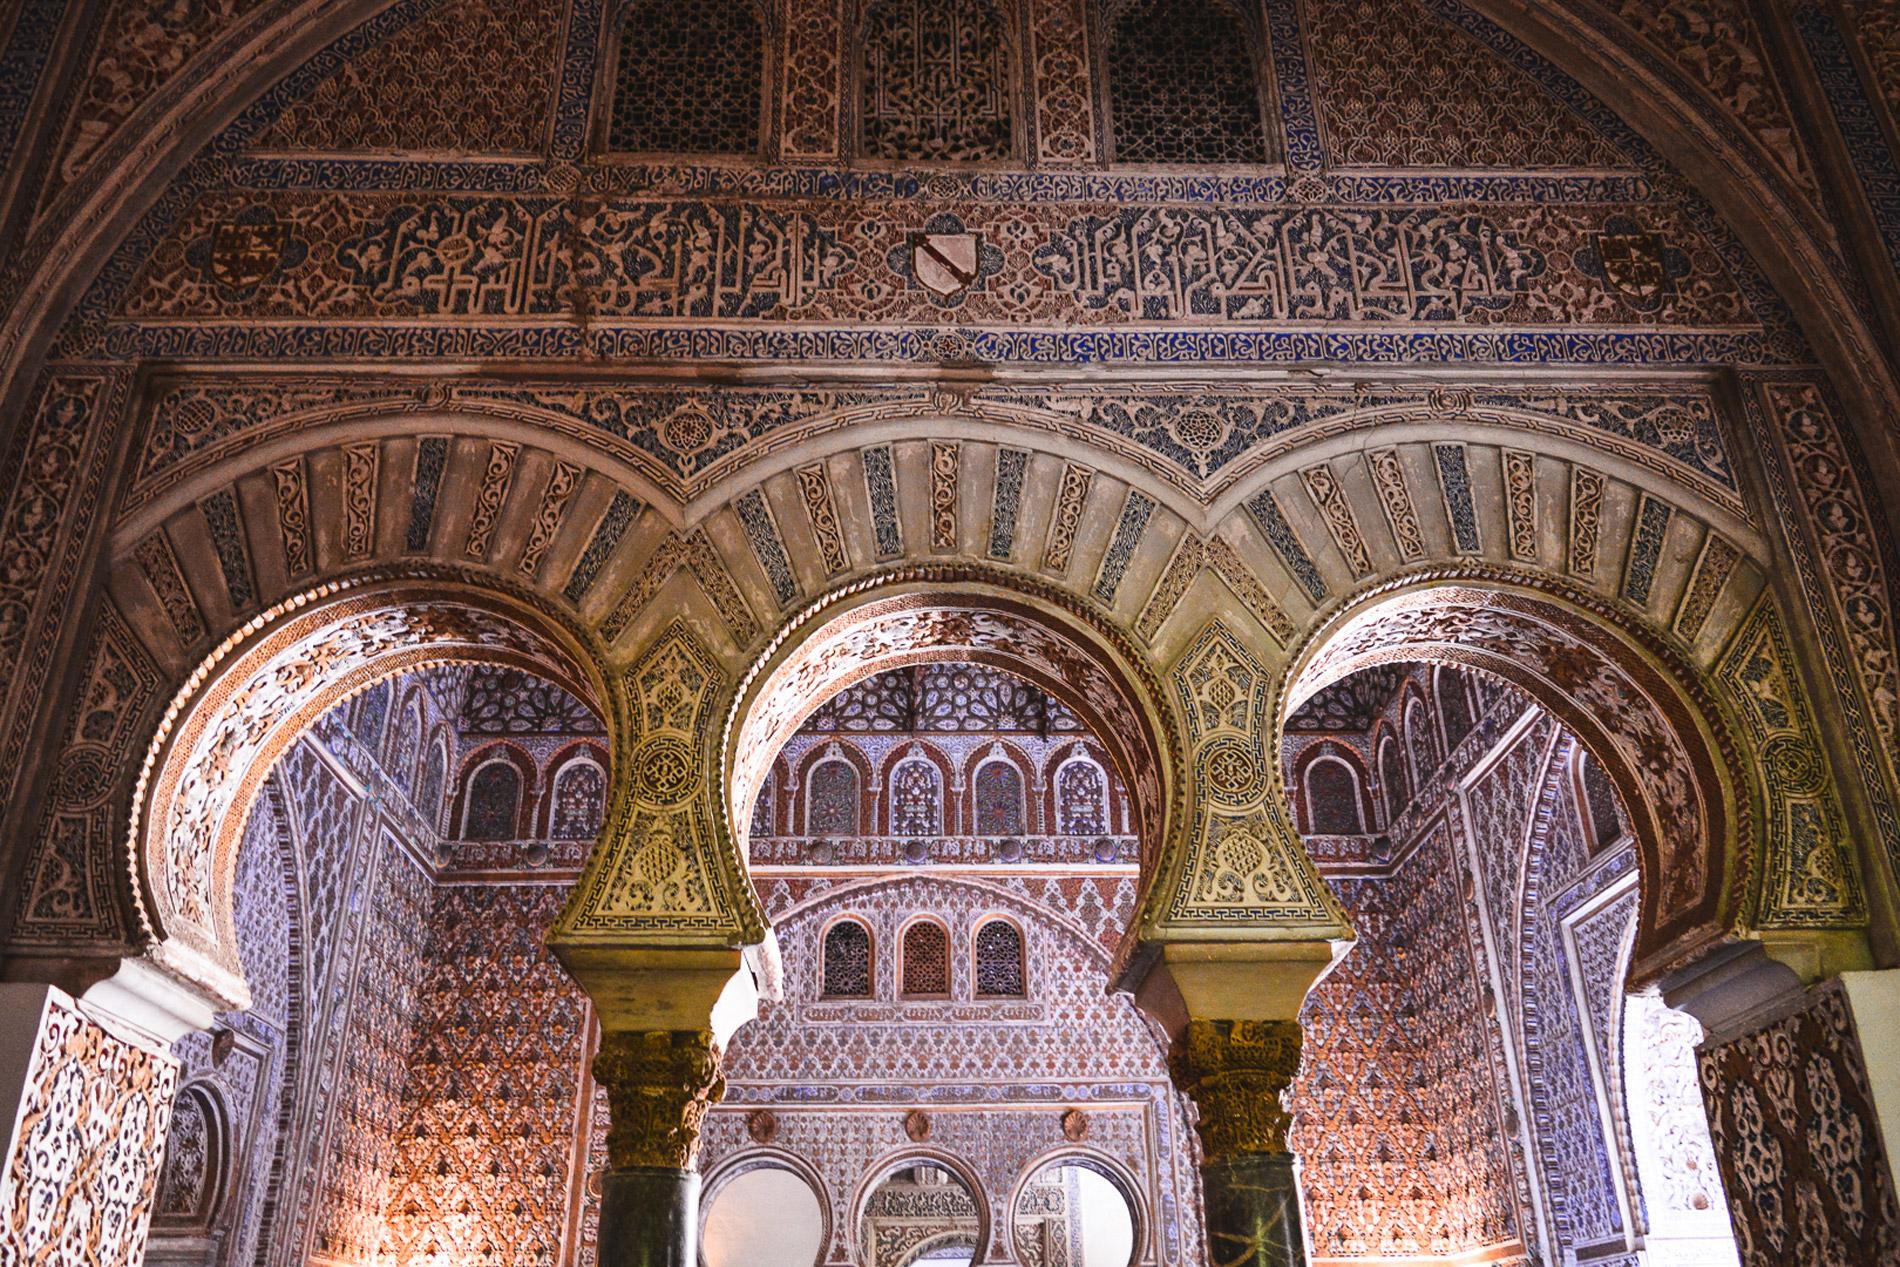 Detalhes como este fazem do Alcázar uma das atrações mais visitadas em Espanha